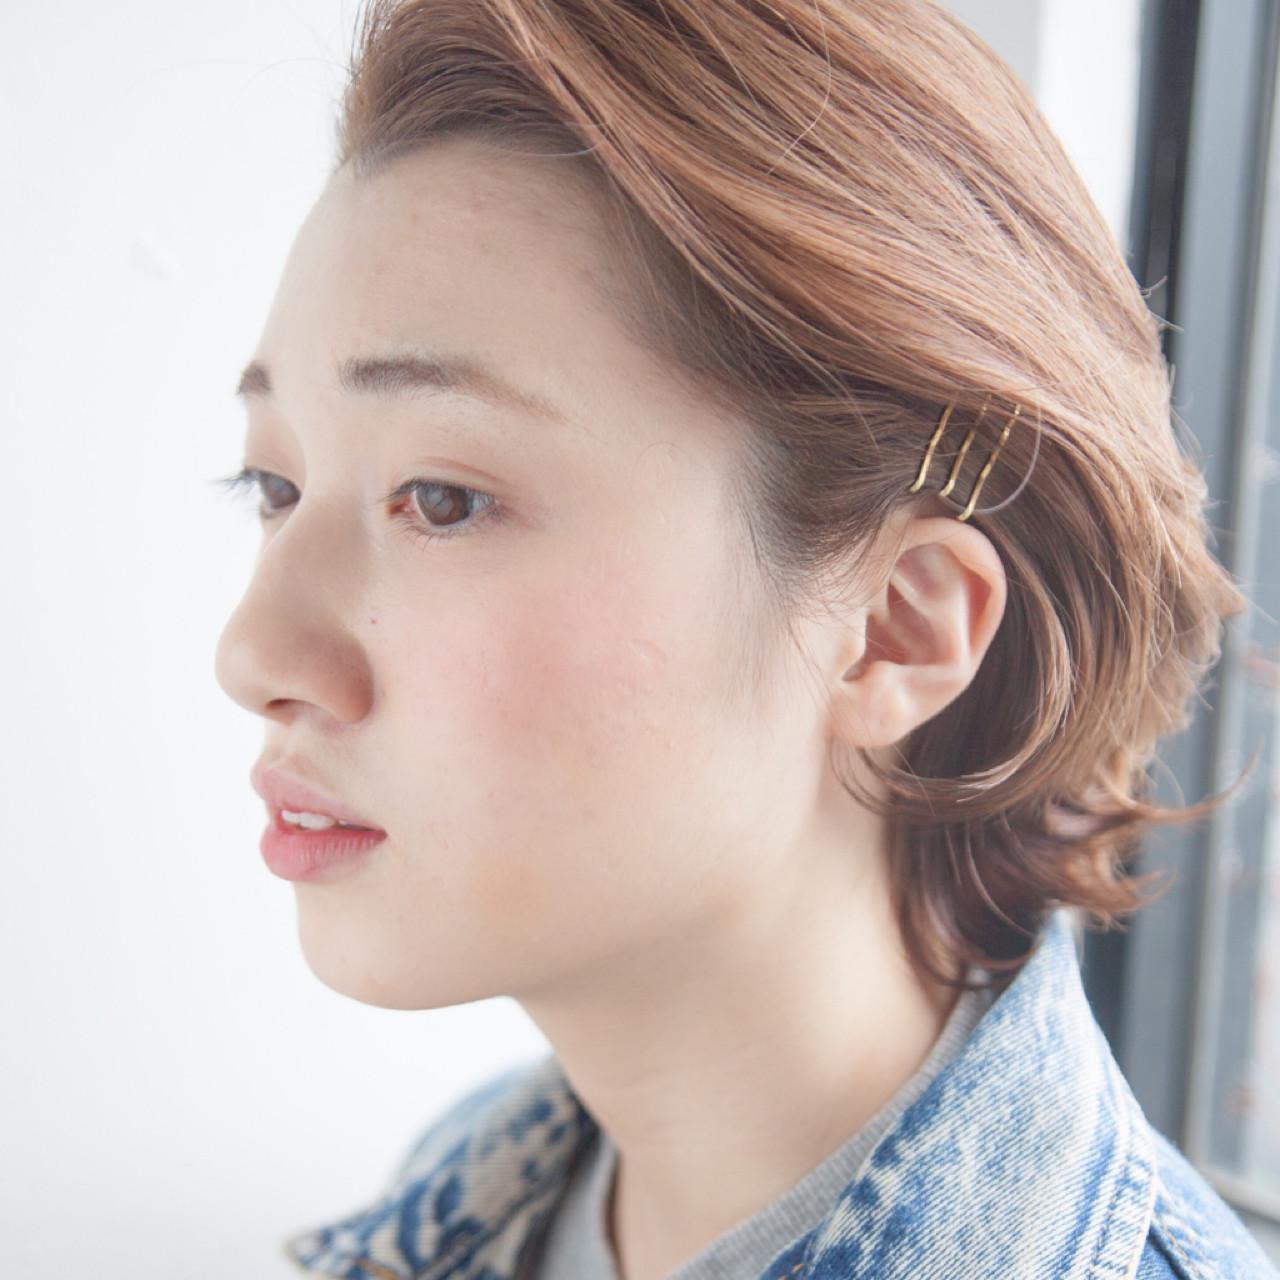 ゴールドピンは、さりげなくつけることができるのも魅力の1つです。サイドを耳にかけ、ゴールドピンをつけると髪をおさえることもできますよ。ちらりとみえるゴールドピンがシンプルなボブのアクセントになります。